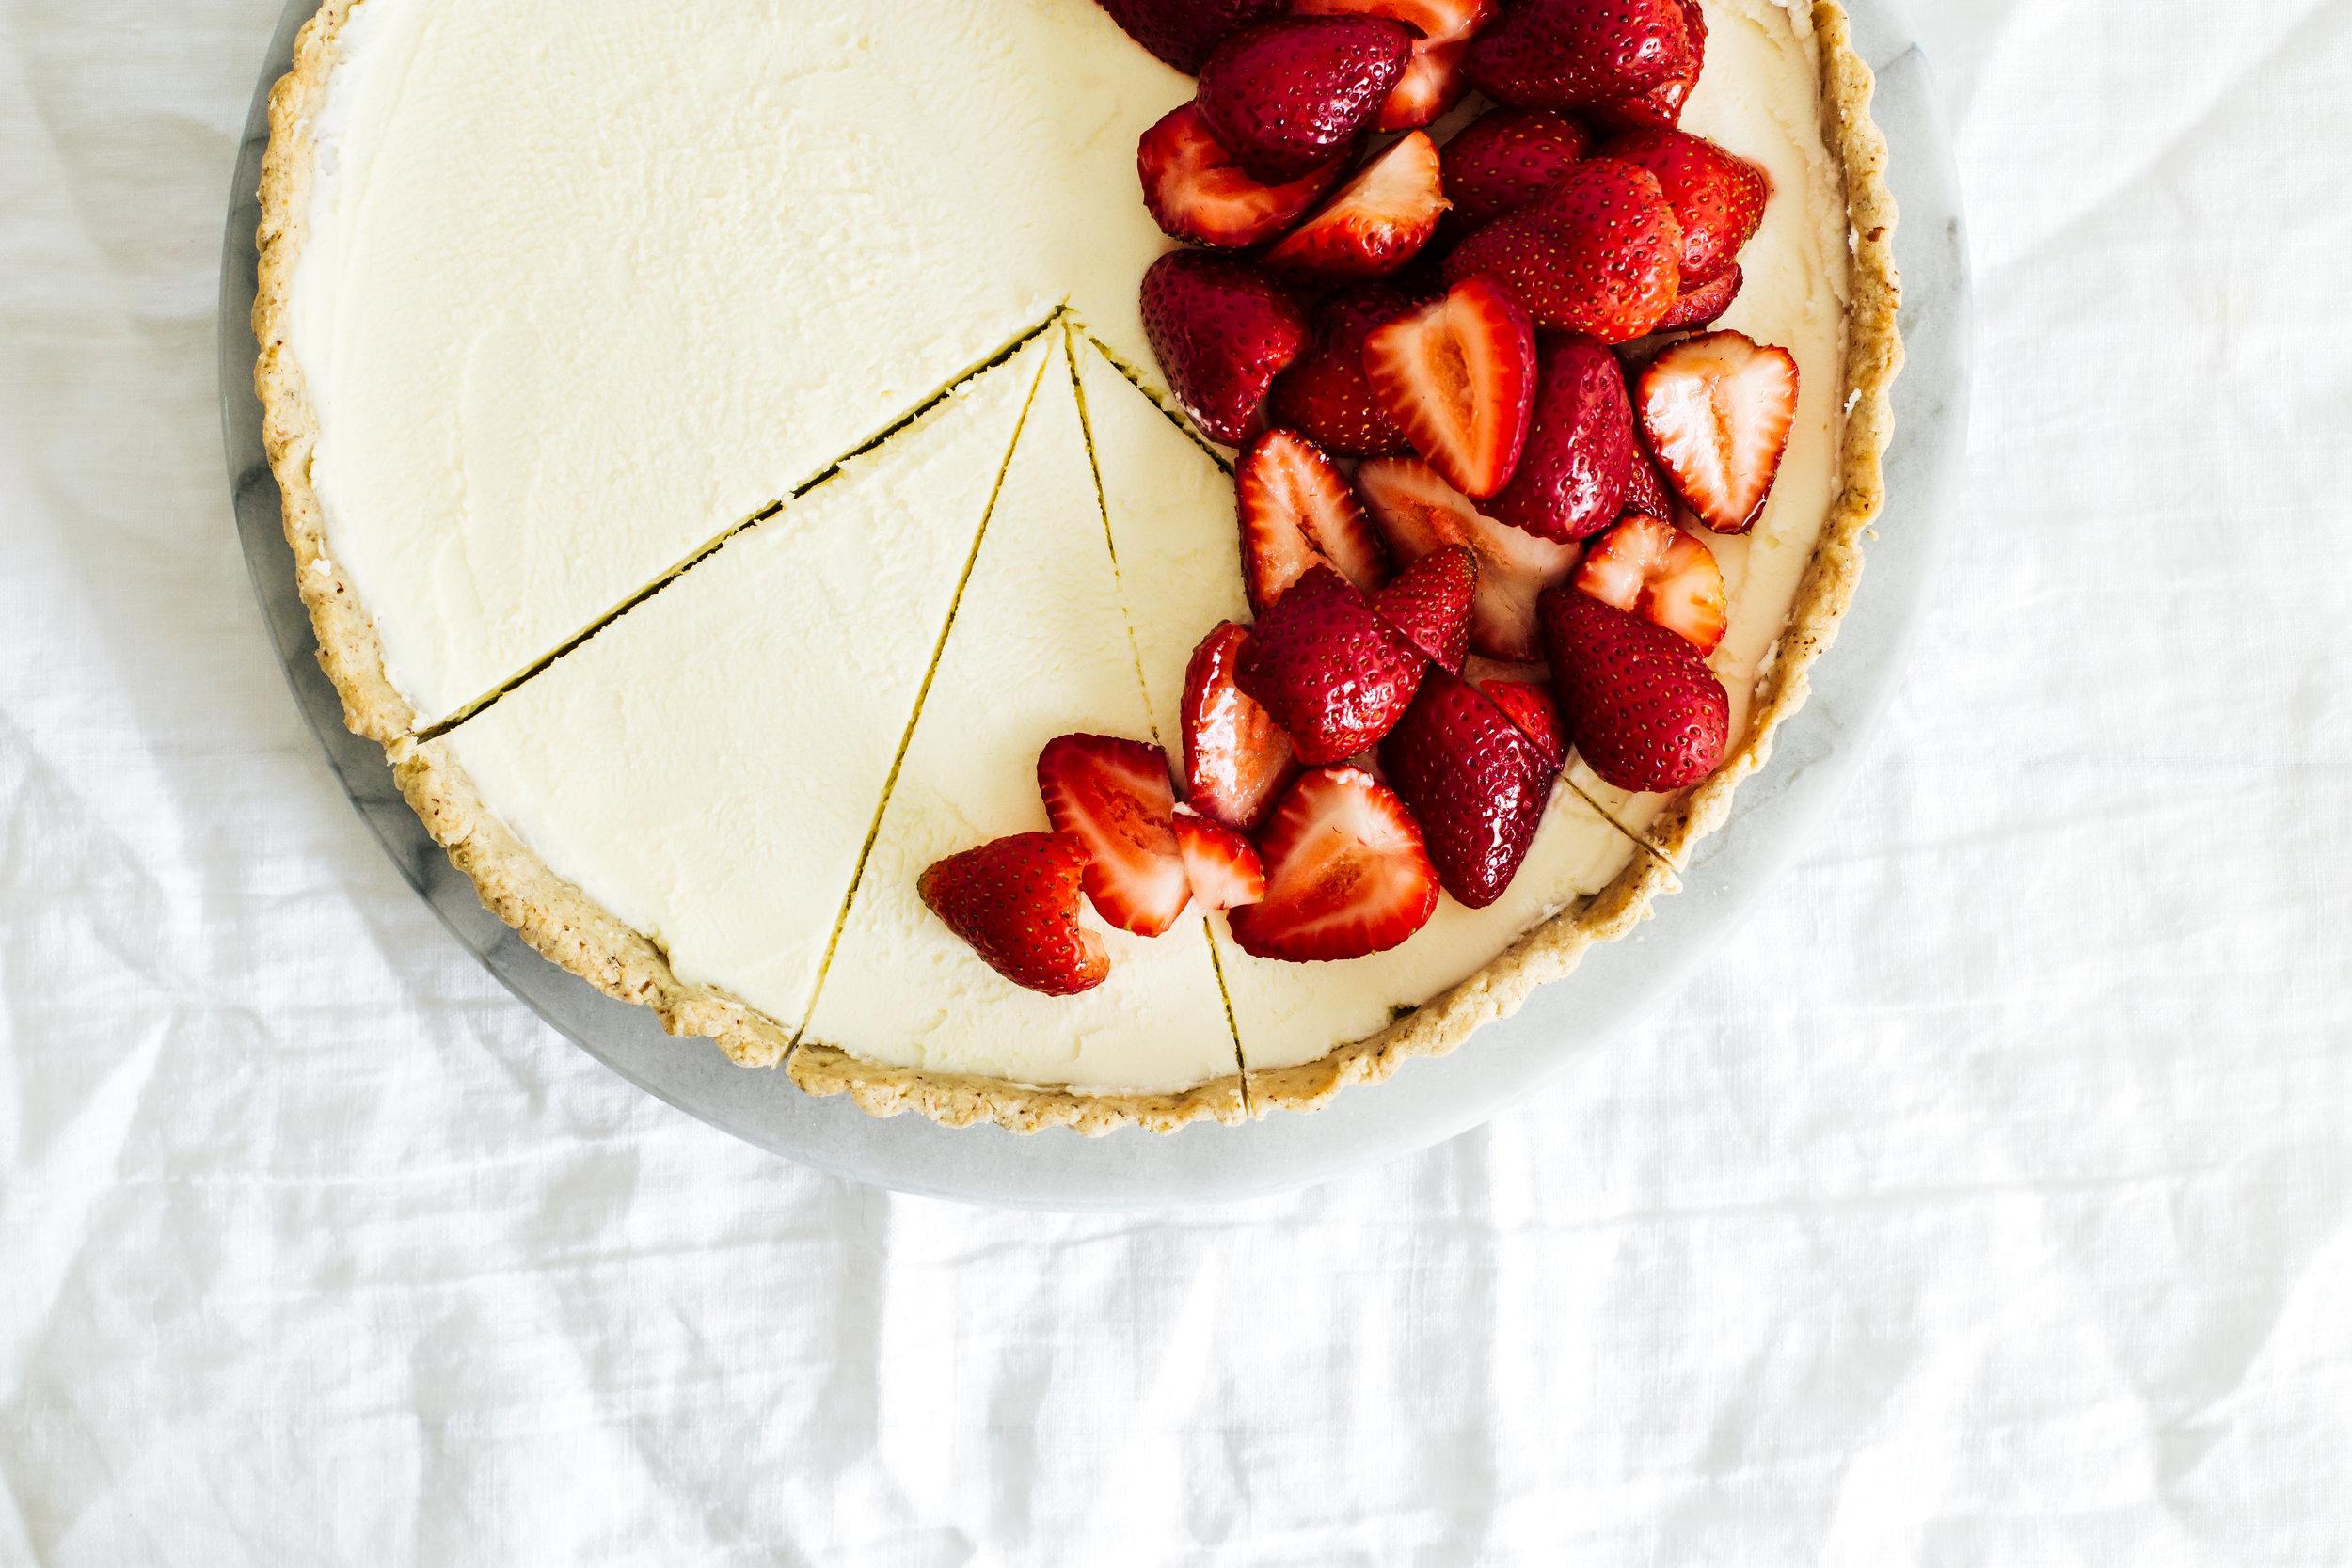 strawberry_hazelnut_tart-31.jpg